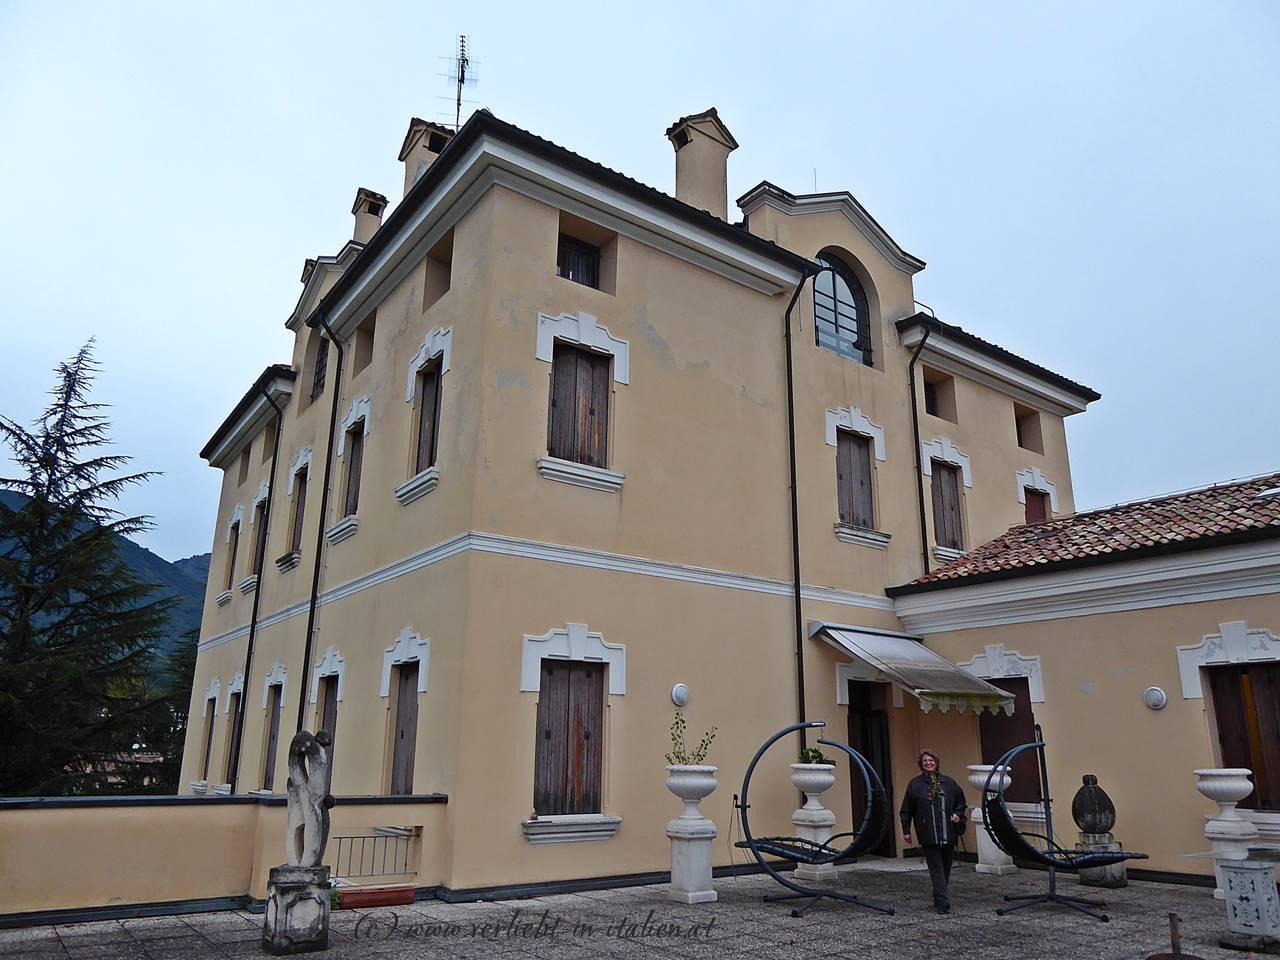 Dachterrasse der Villa Villa Scalabrini